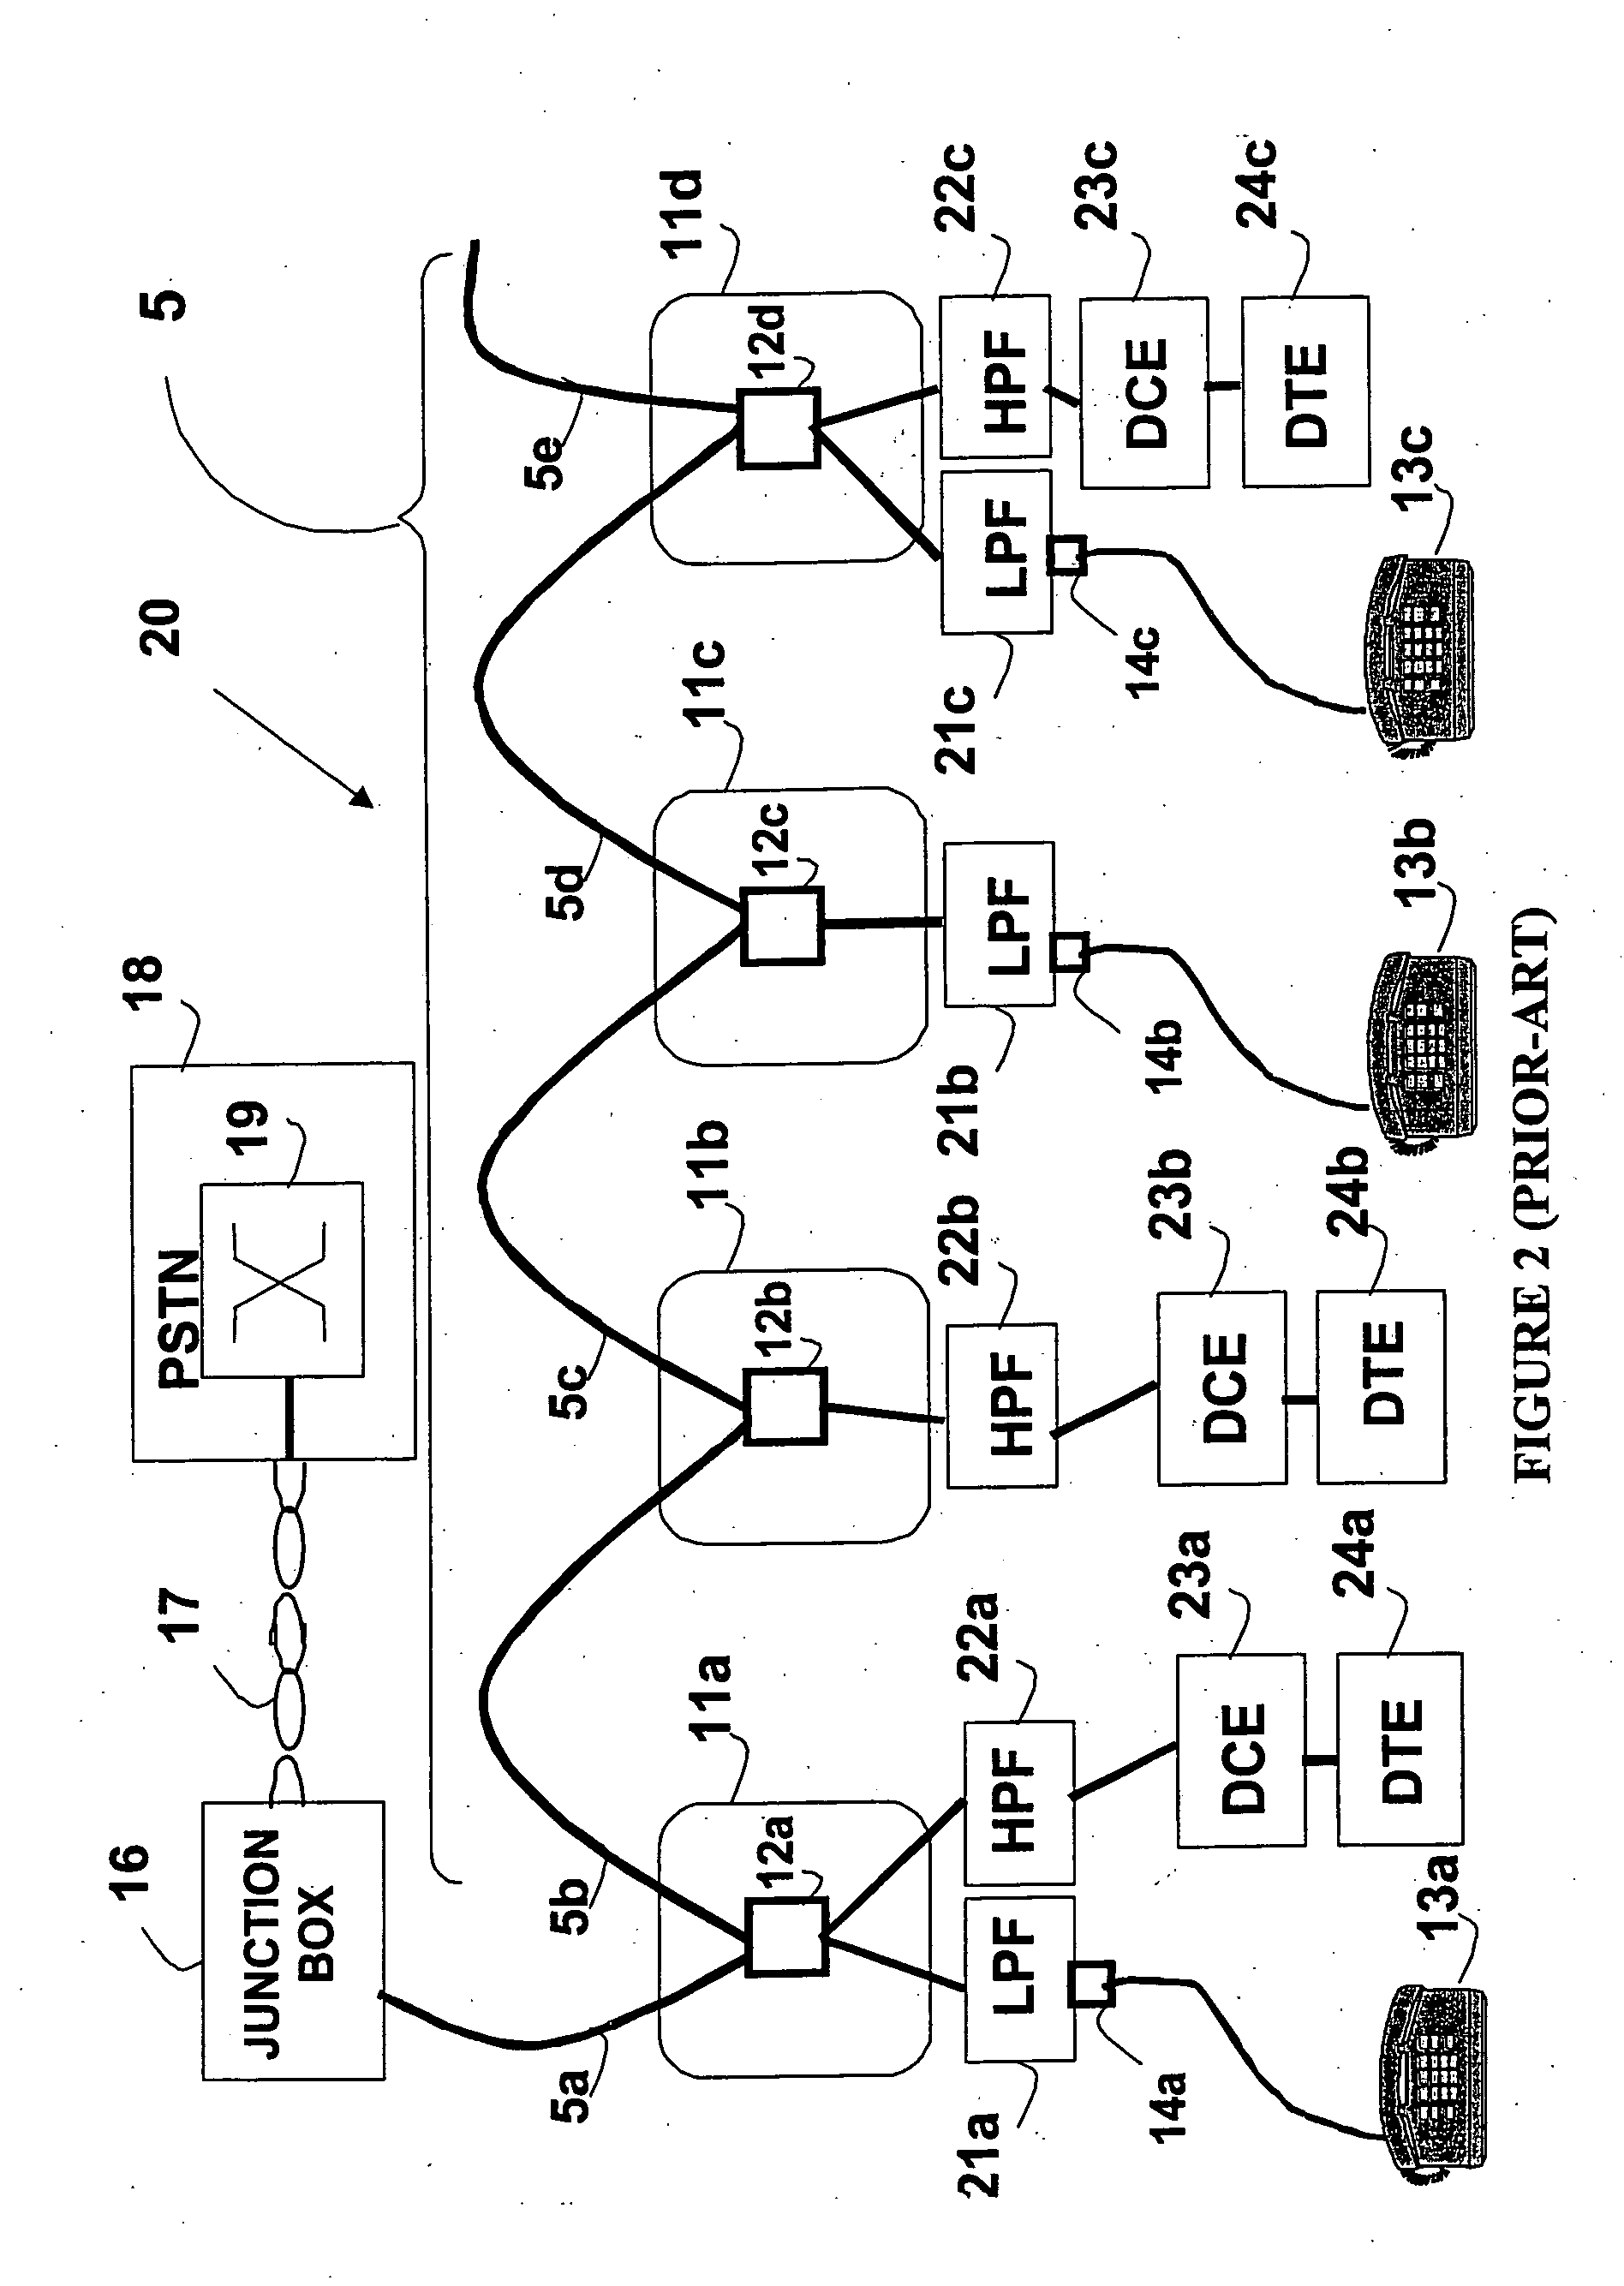 brevetto us20050232299